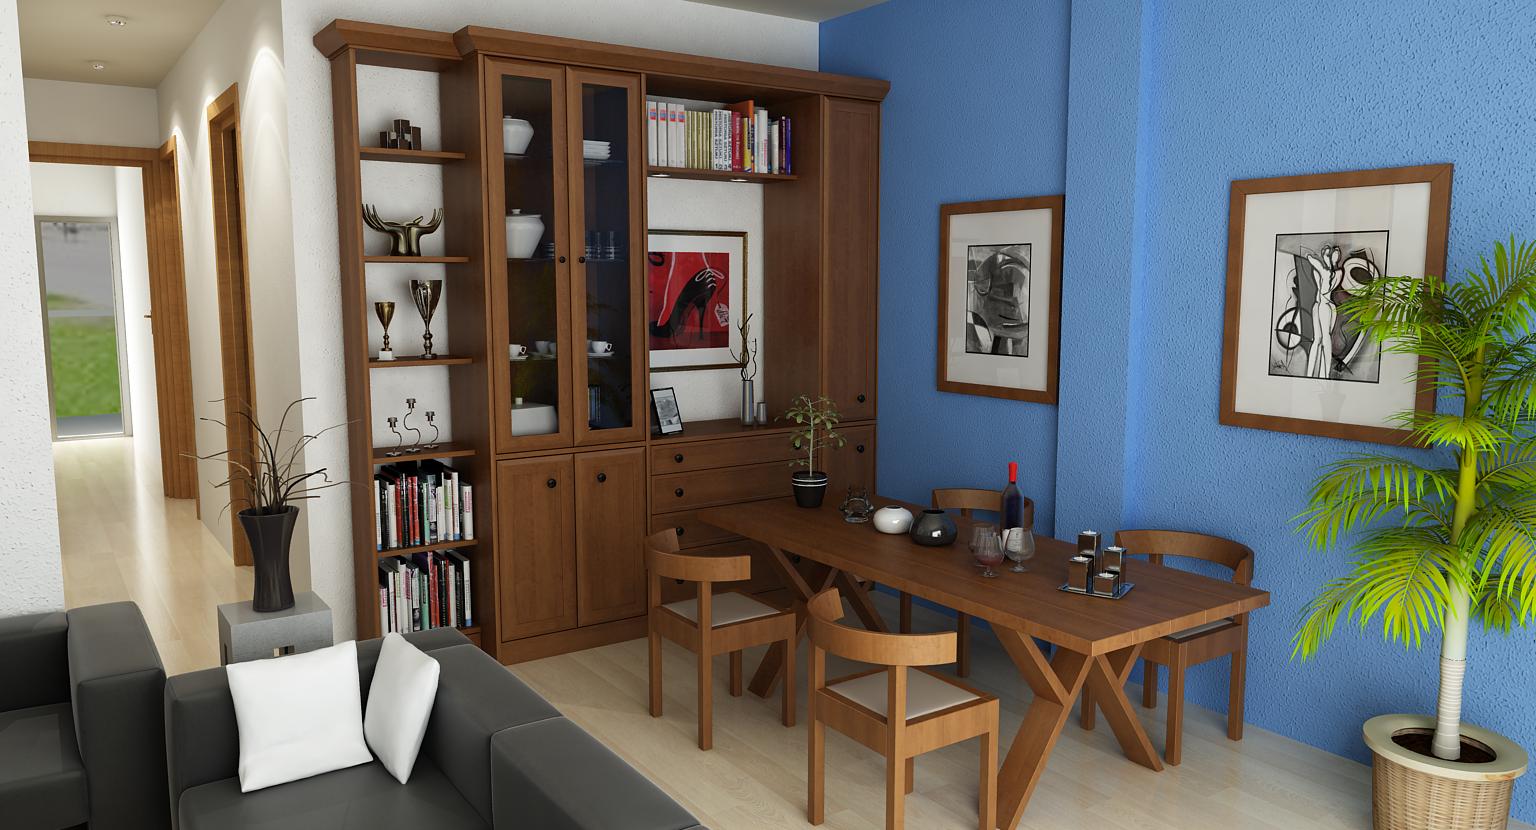 3d living room javilop for Architect studio 3d online room design